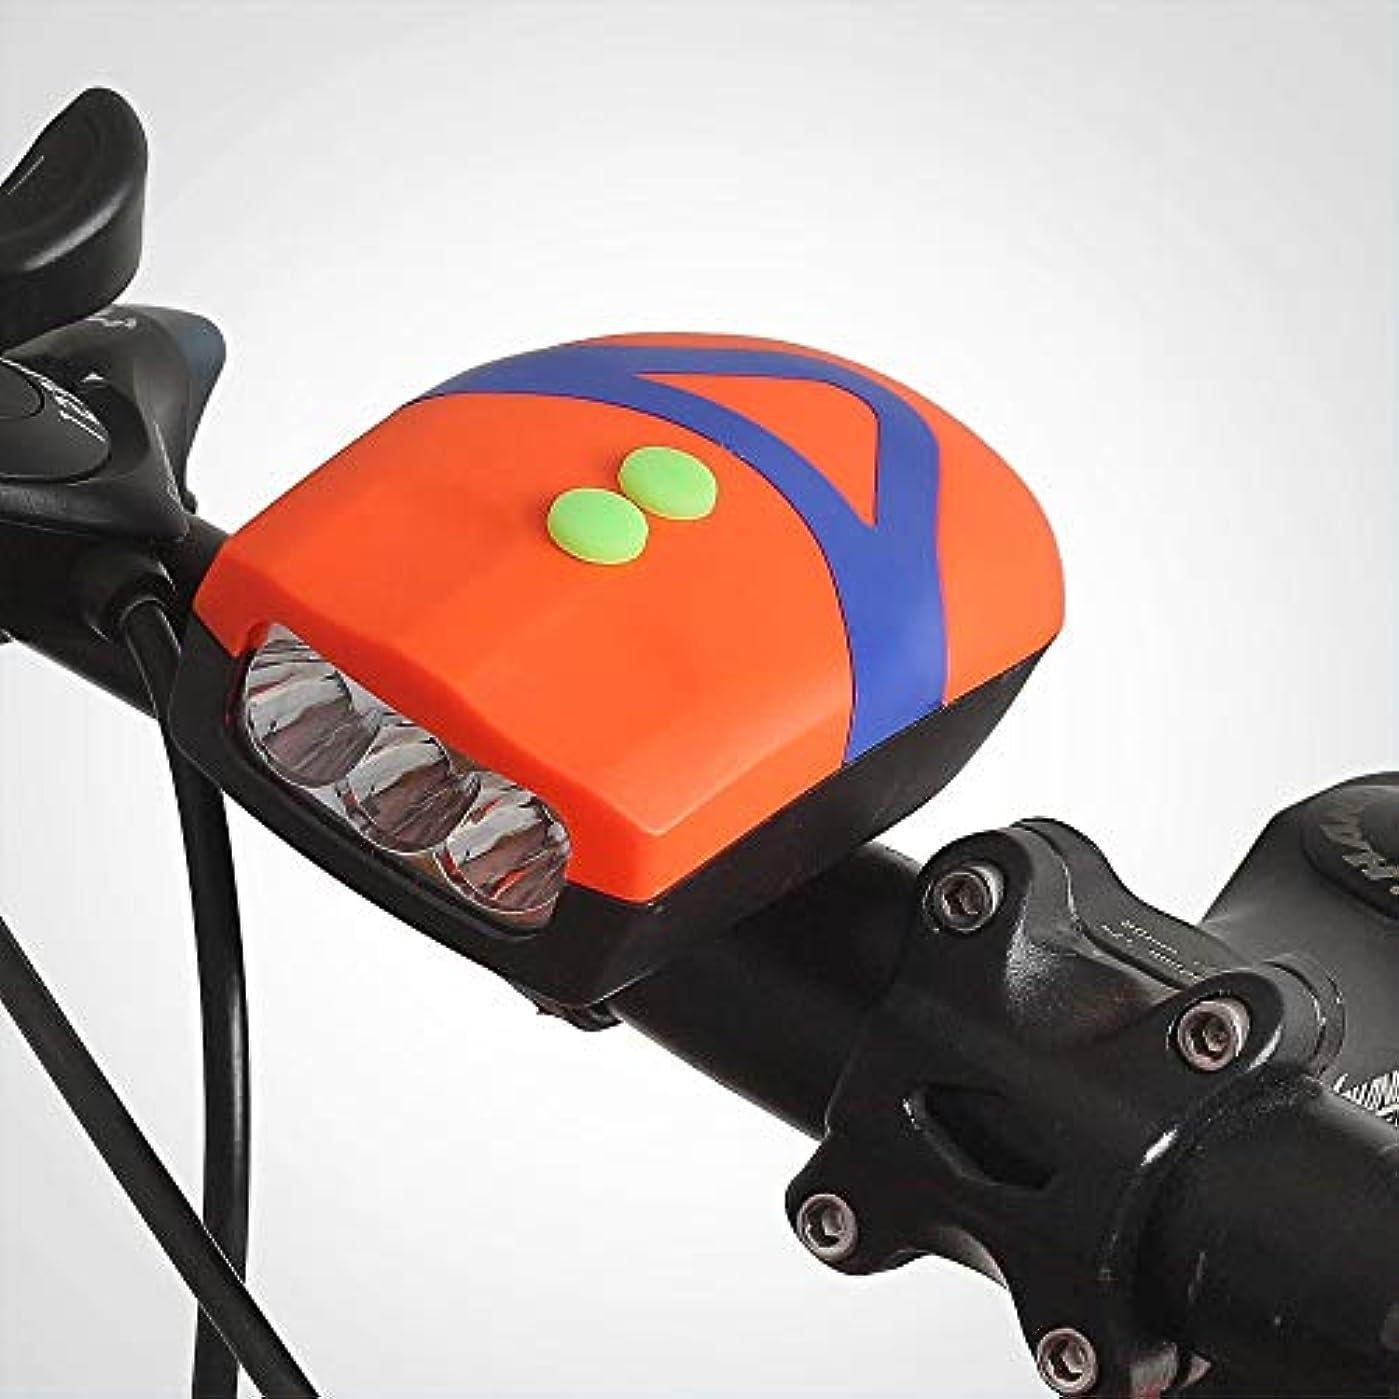 懇願するパイロット傘充電式自転車ライト 自転車ライトセット、300LM防水フロントヘッドライト付き充電式自転車ライト、調整可能な照明モード、ロード&マウンテン用サイクリングライト - フィットするのは簡単 (Color : Orange)